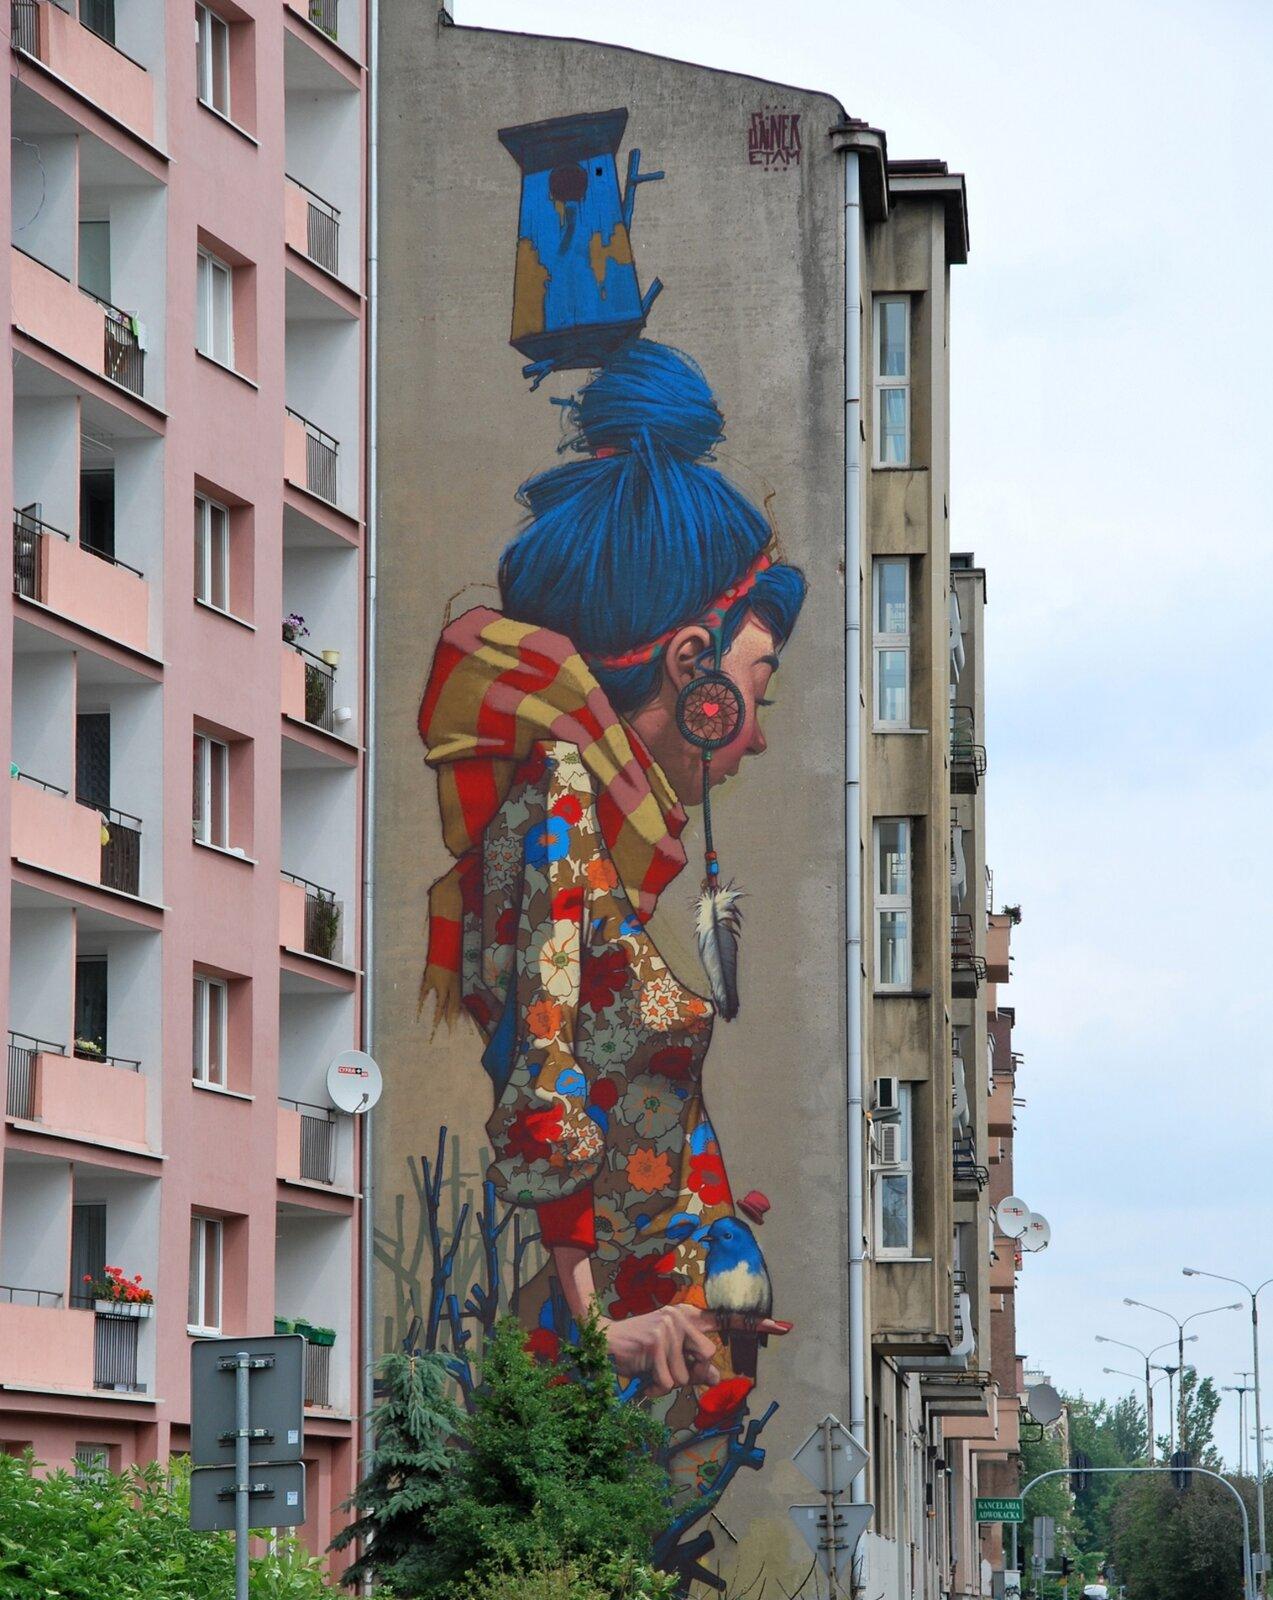 Mural przedstawiający dziewczynę wkoku zniebieskich włosów, ubraną wkolorową bluzkę wkwiaty.